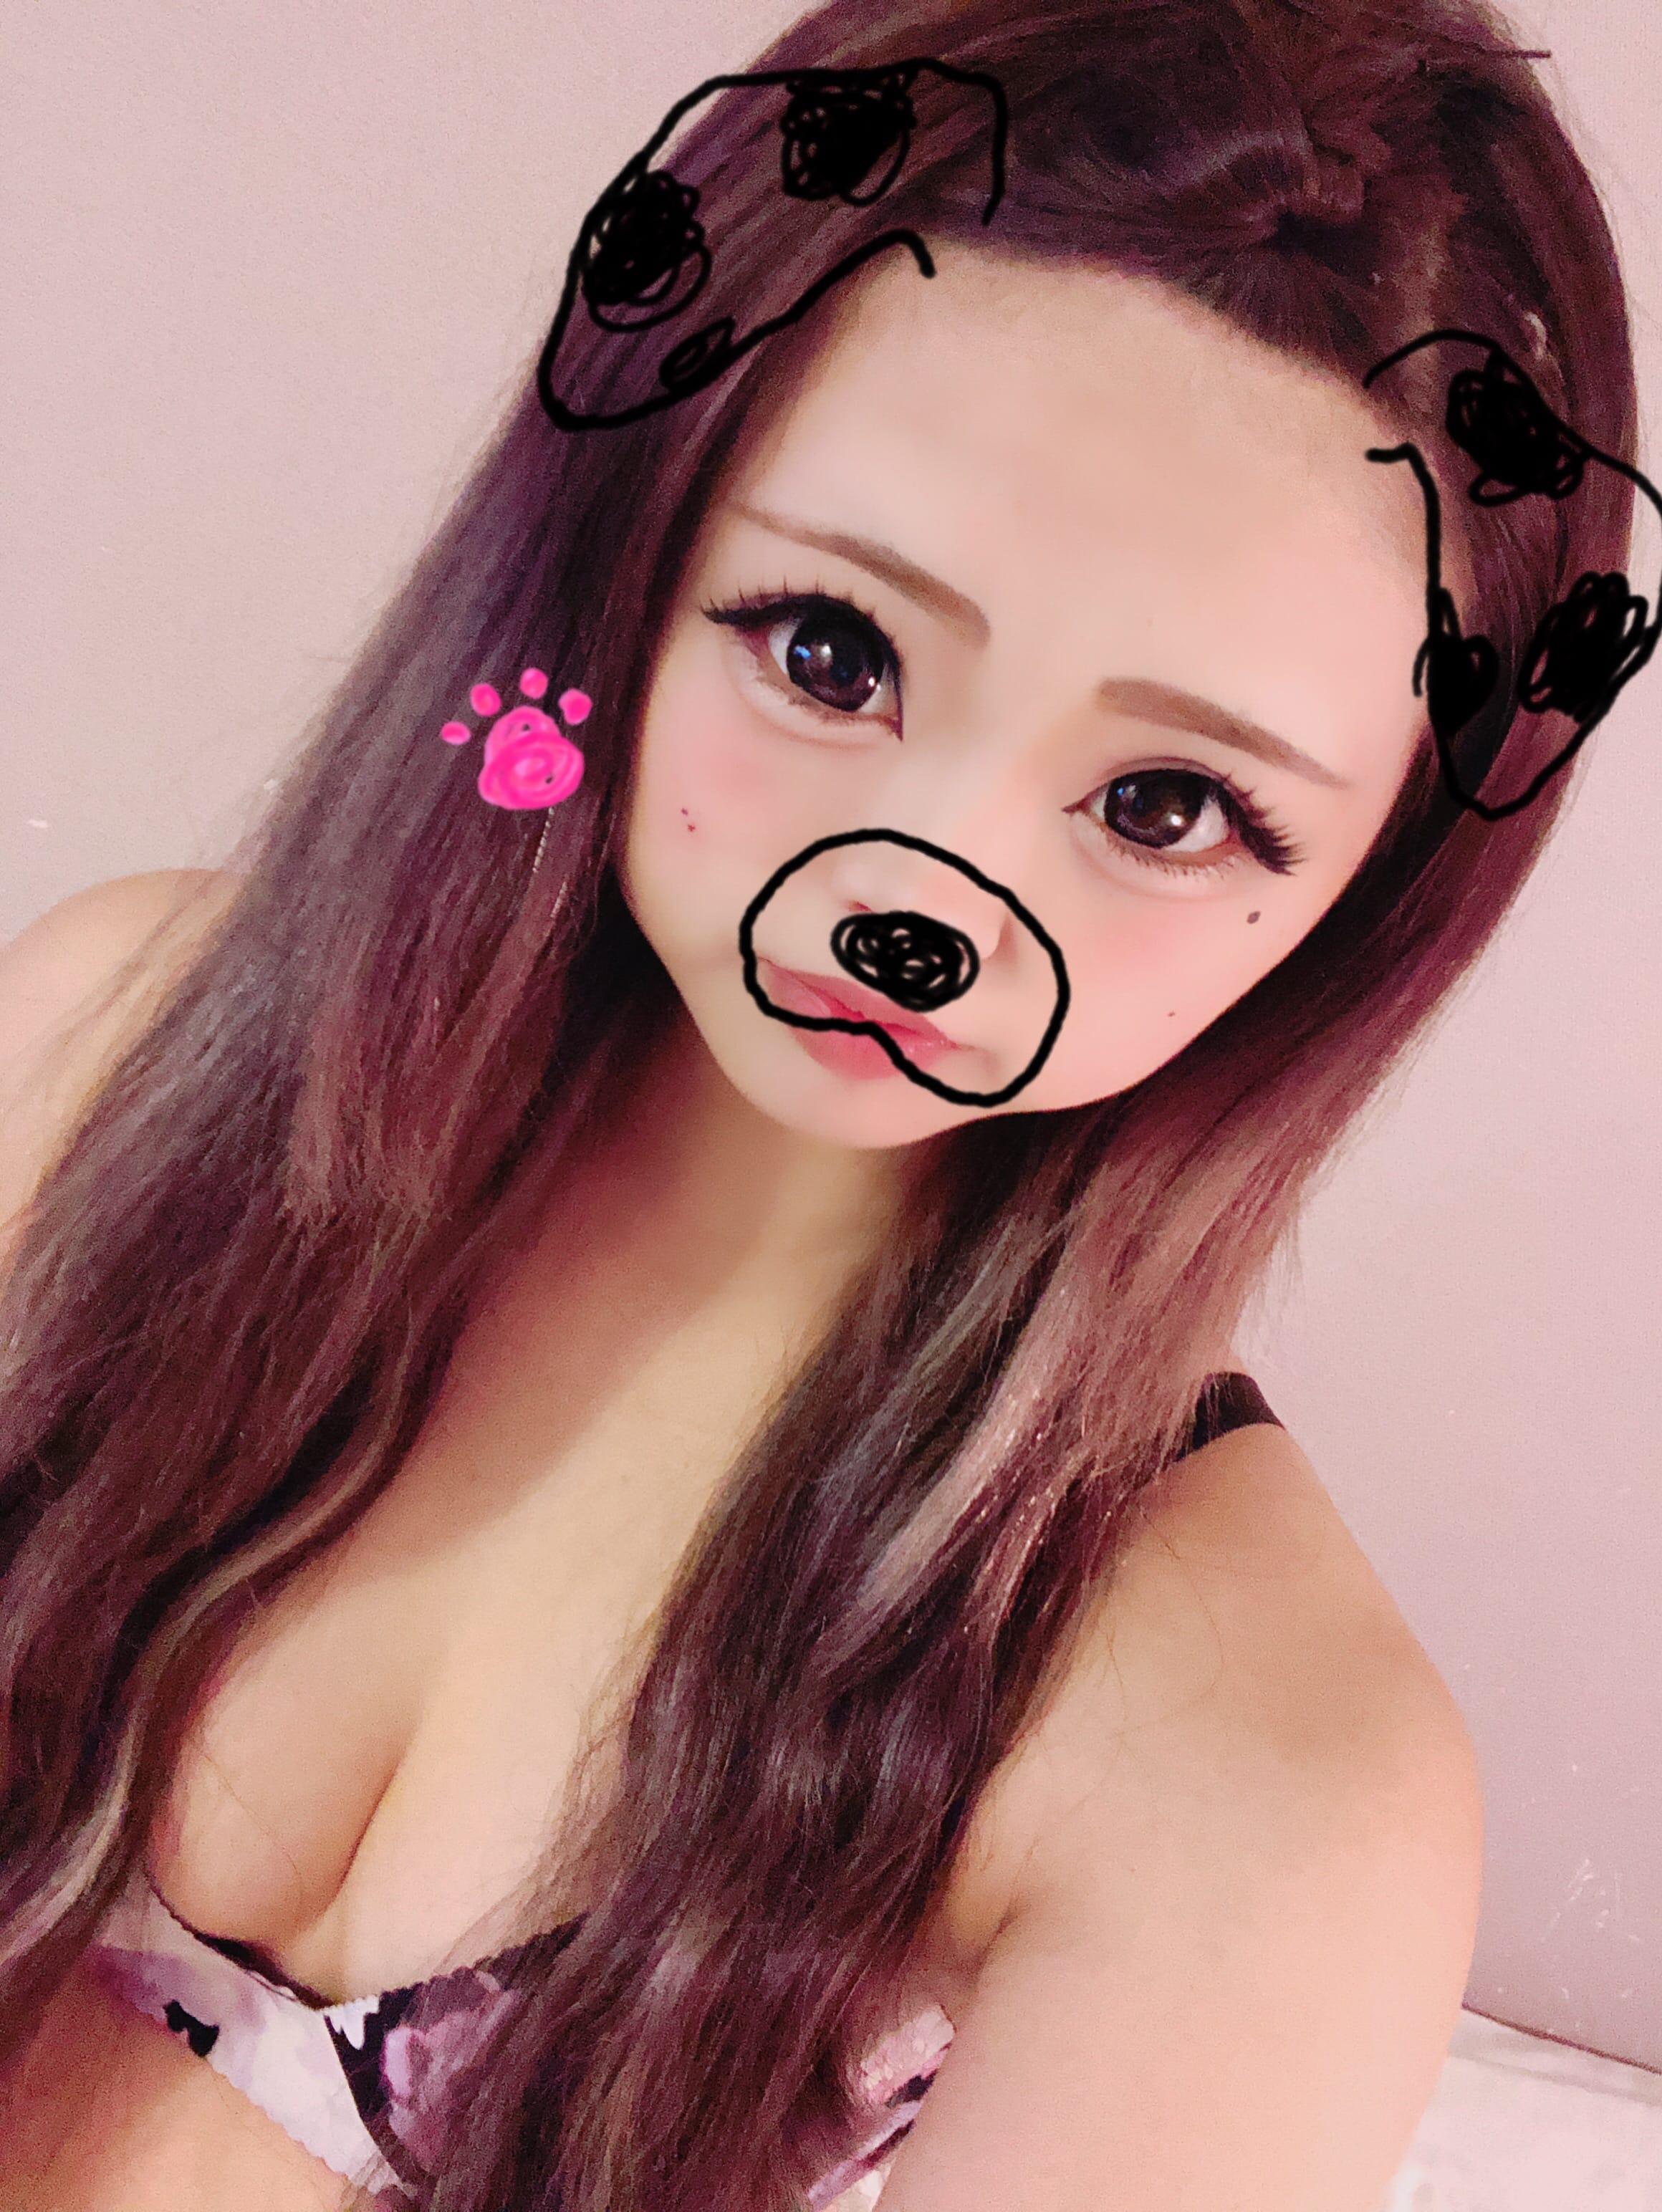 みるく「♡自宅のおにいさん」03/20(火) 06:00 | みるくの写メ・風俗動画